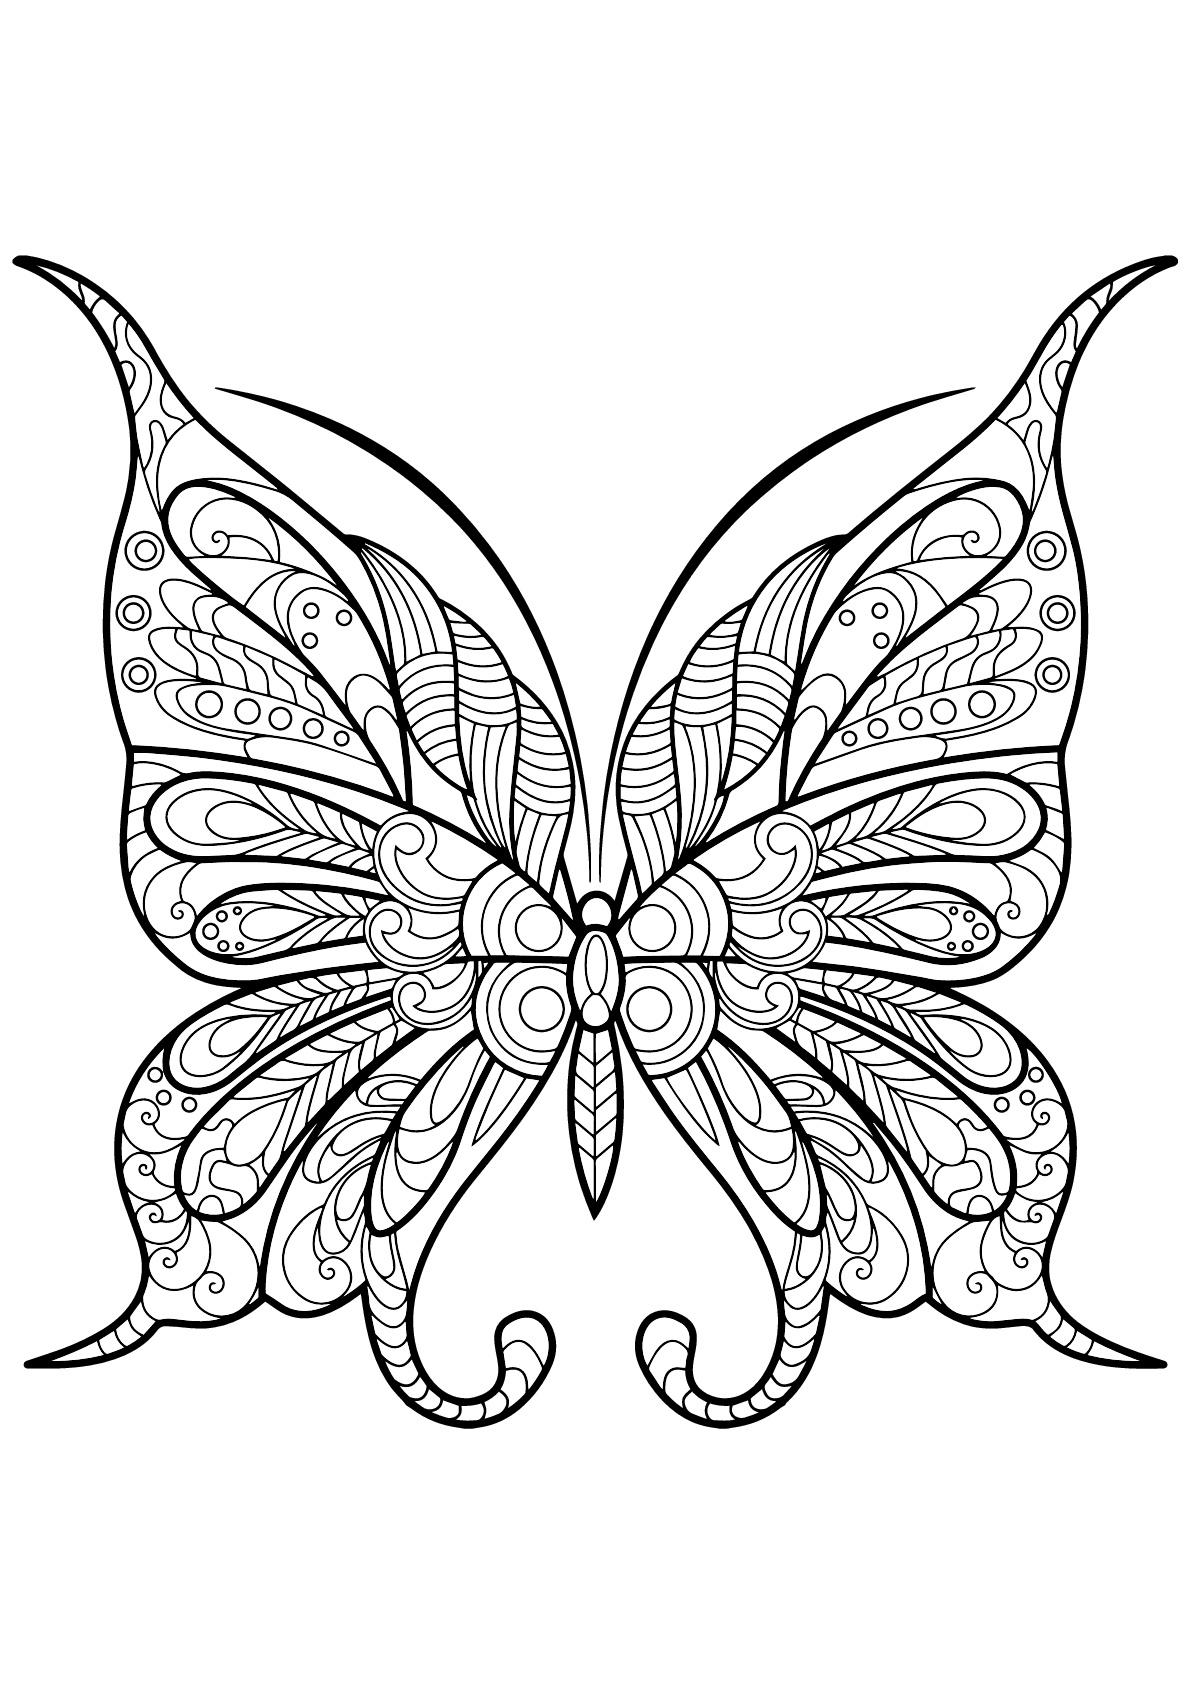 Coloriage De Papillons A Imprimer Gratuitement Coloriage De Papillons Coloriages Pour Enfants